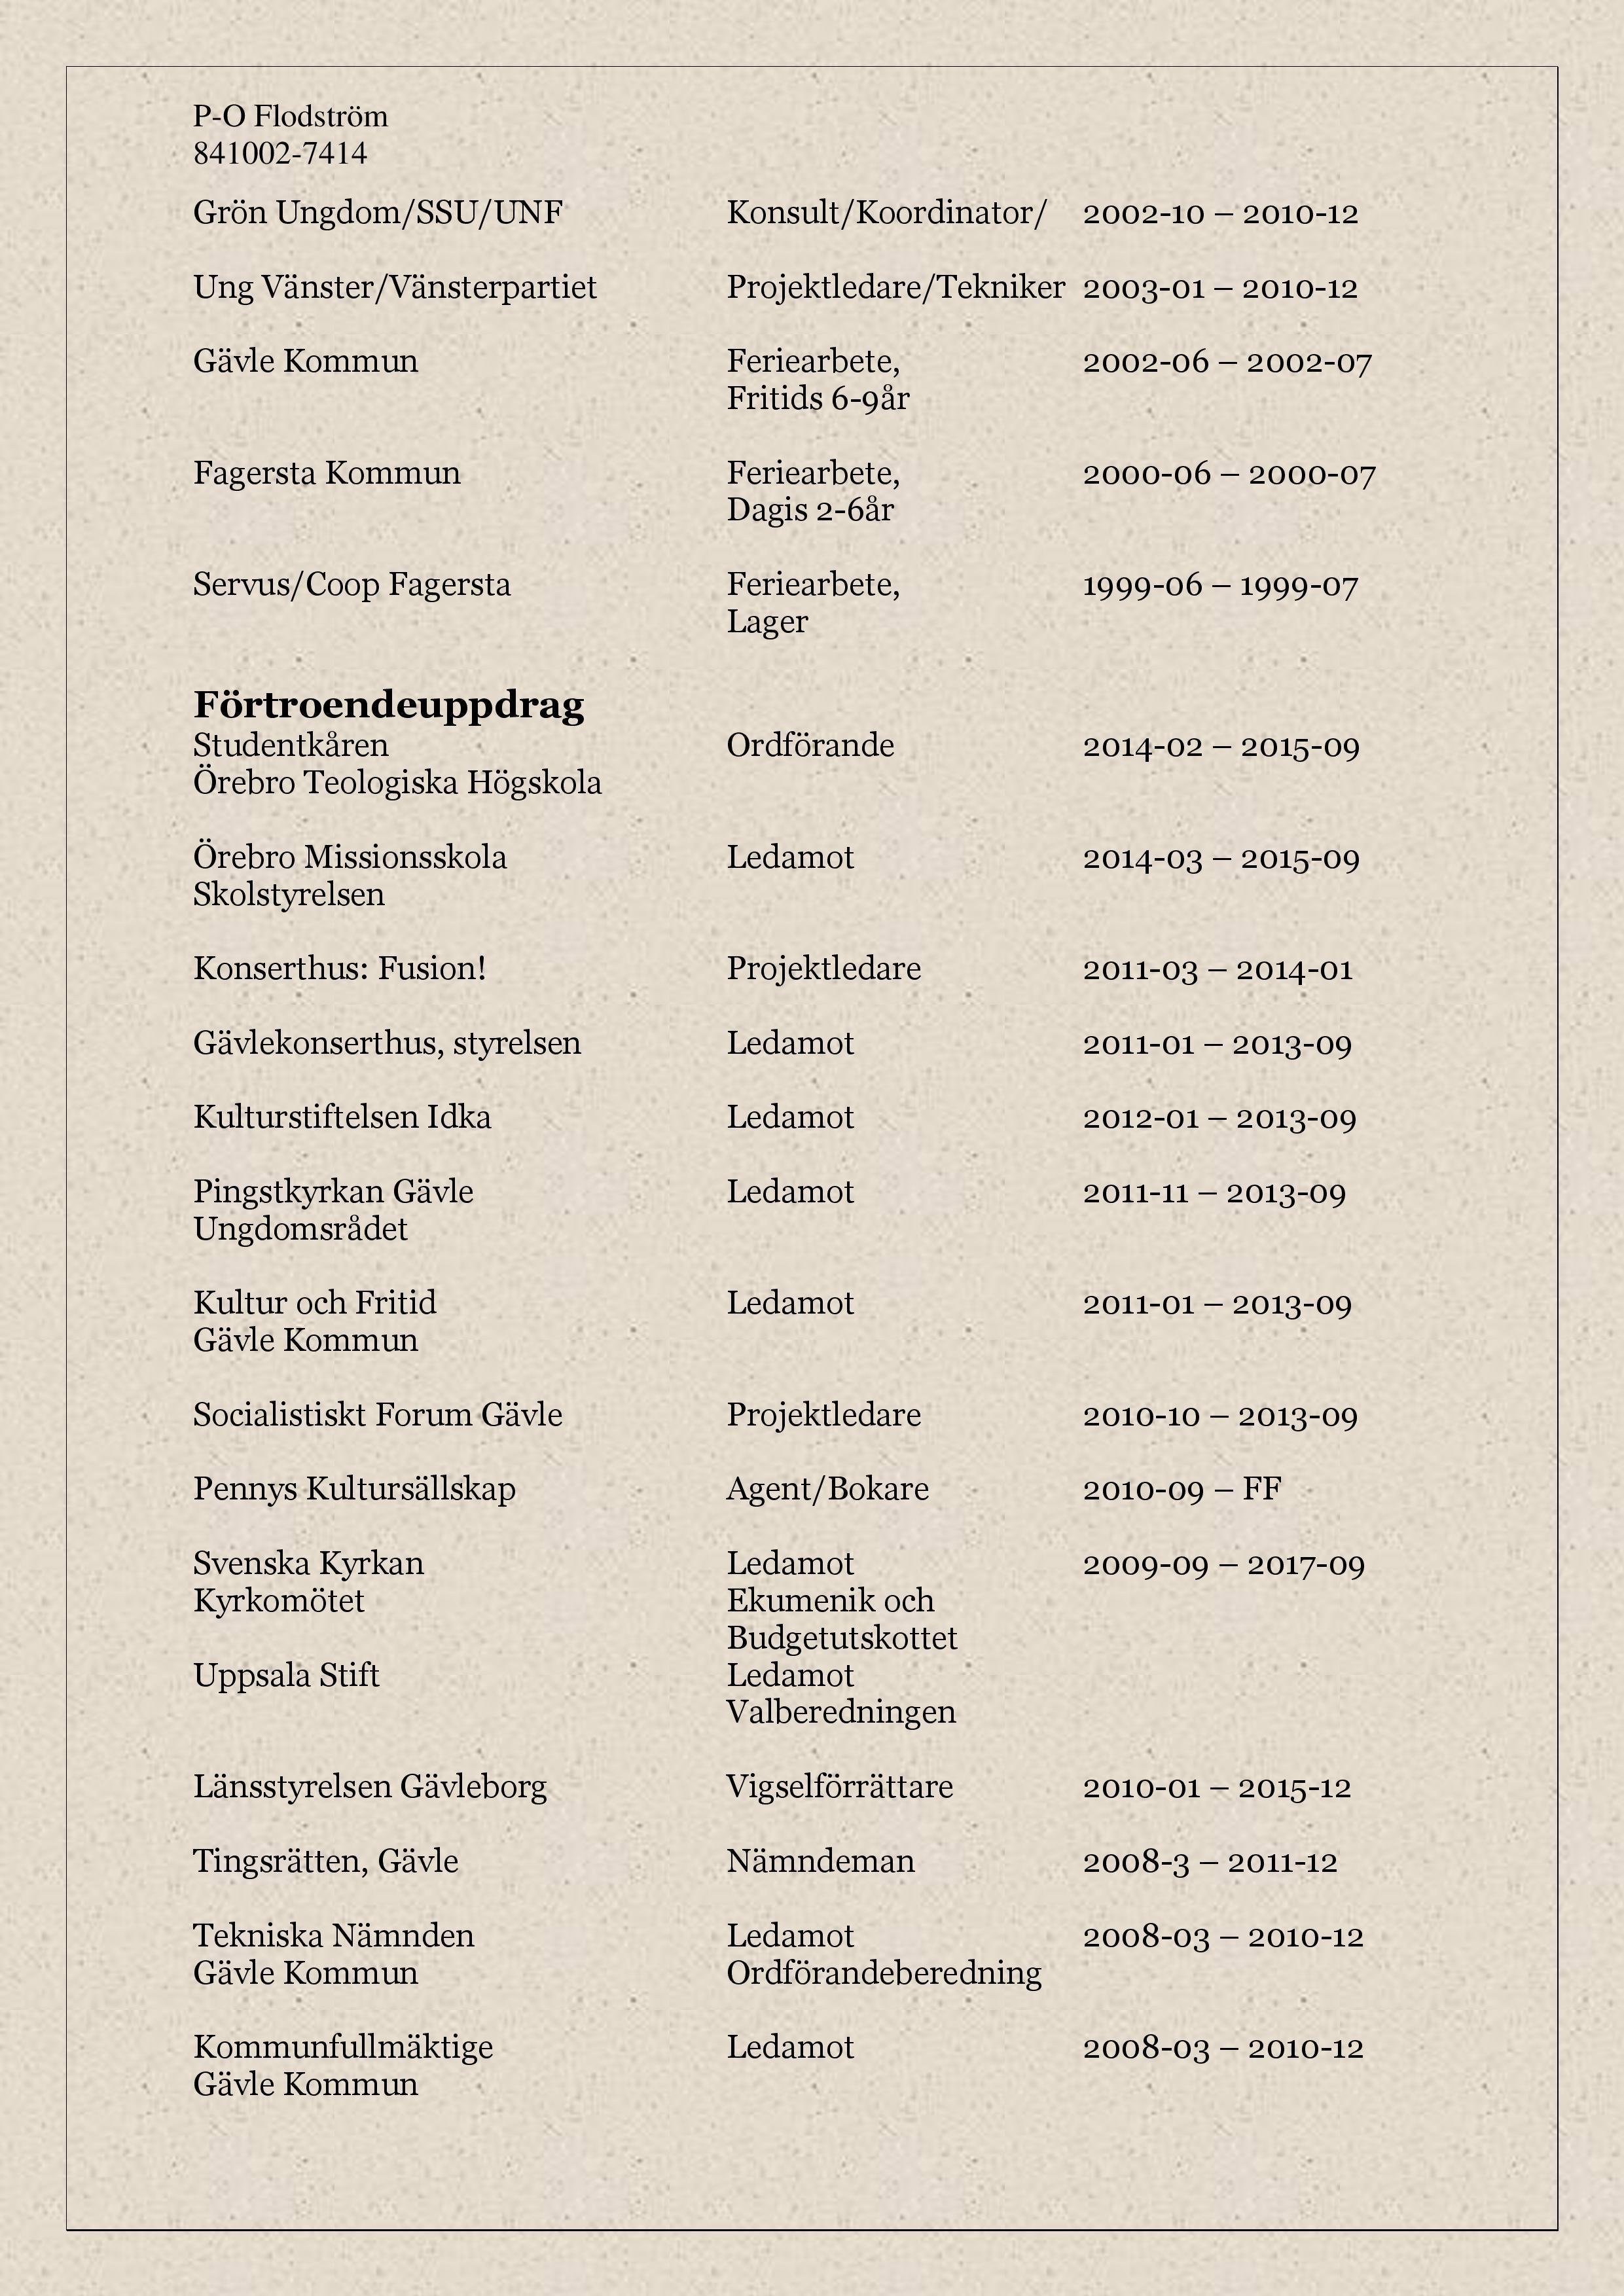 betyg-certifikat-och-komplett-meritlista-for-p-o-flodstrom-2016-page-010